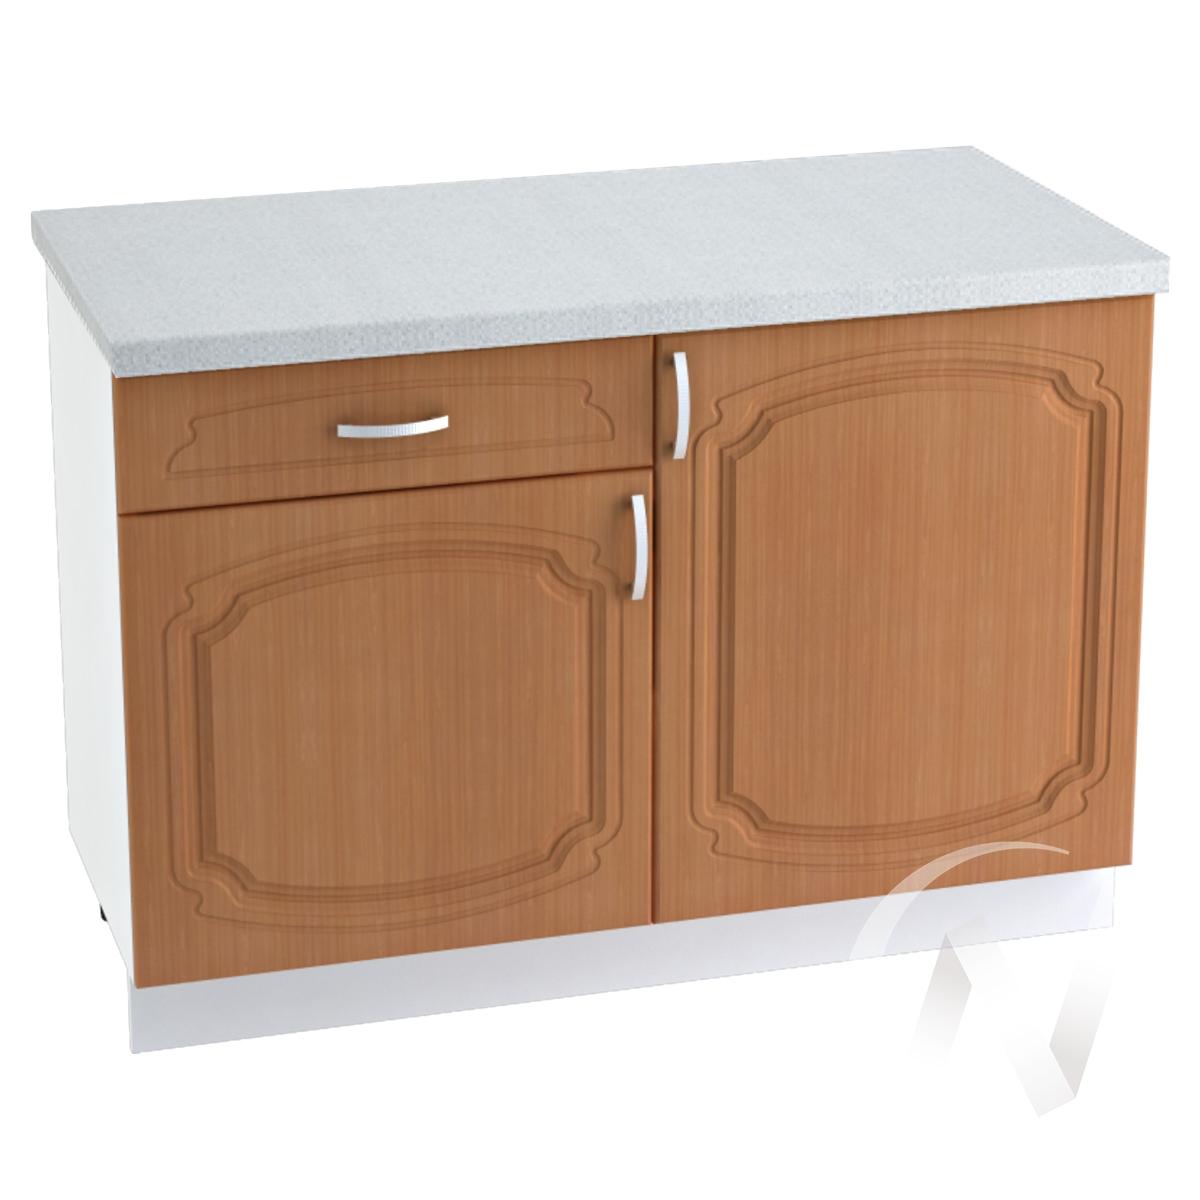 """Кухня """"Настя"""": Шкаф нижний с ящиком 1200, ШН1Я 1200 (Орех миланский/корпус белый)"""